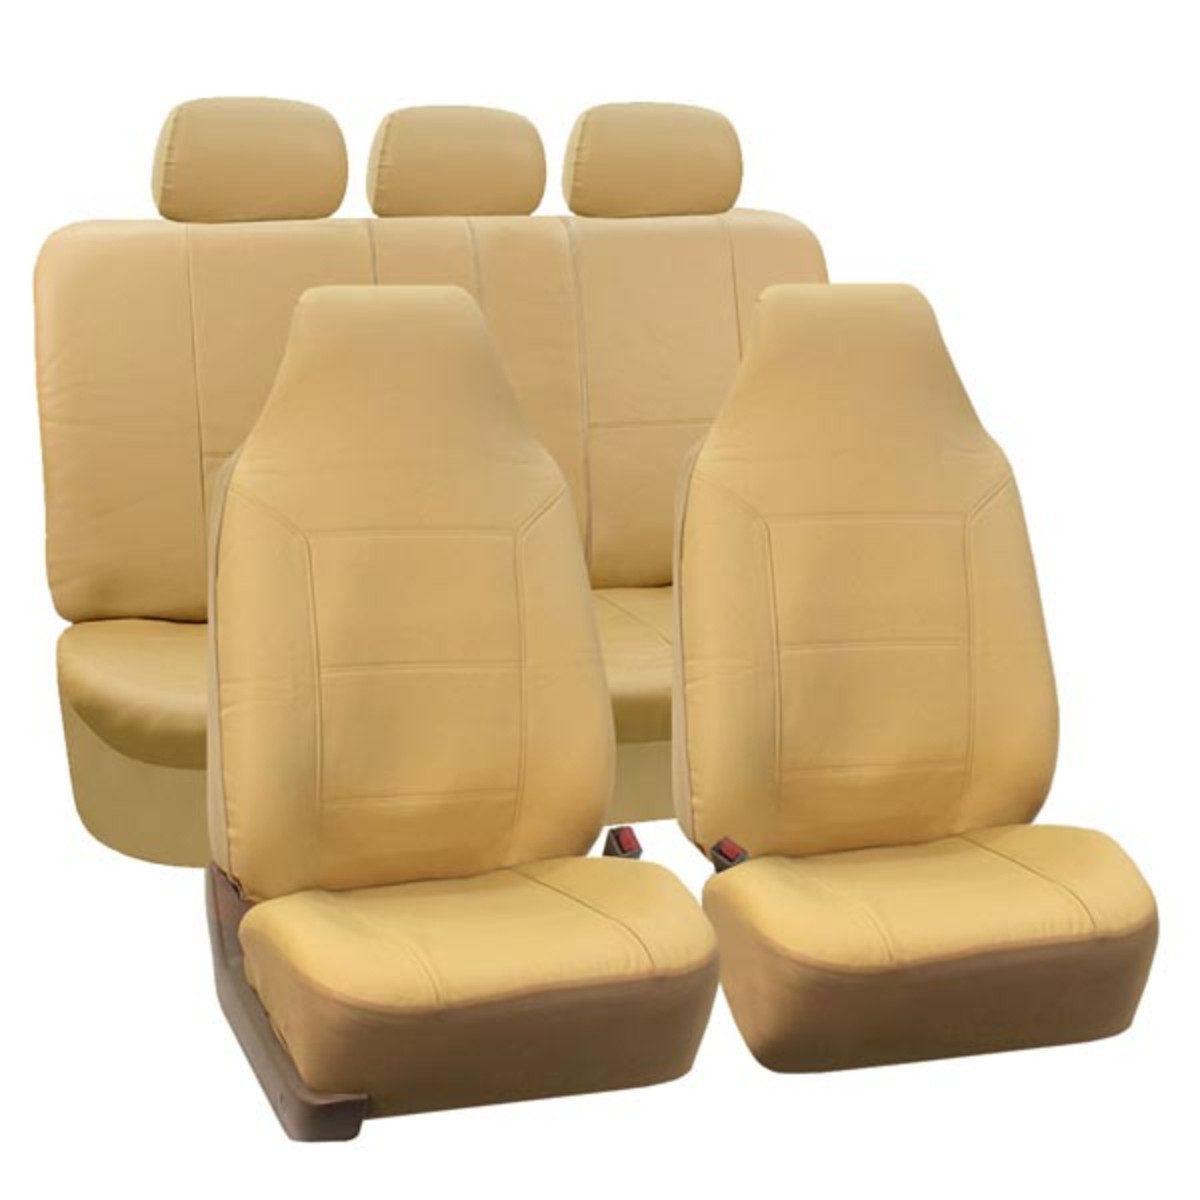 88-PU103115_beige seat cover 1